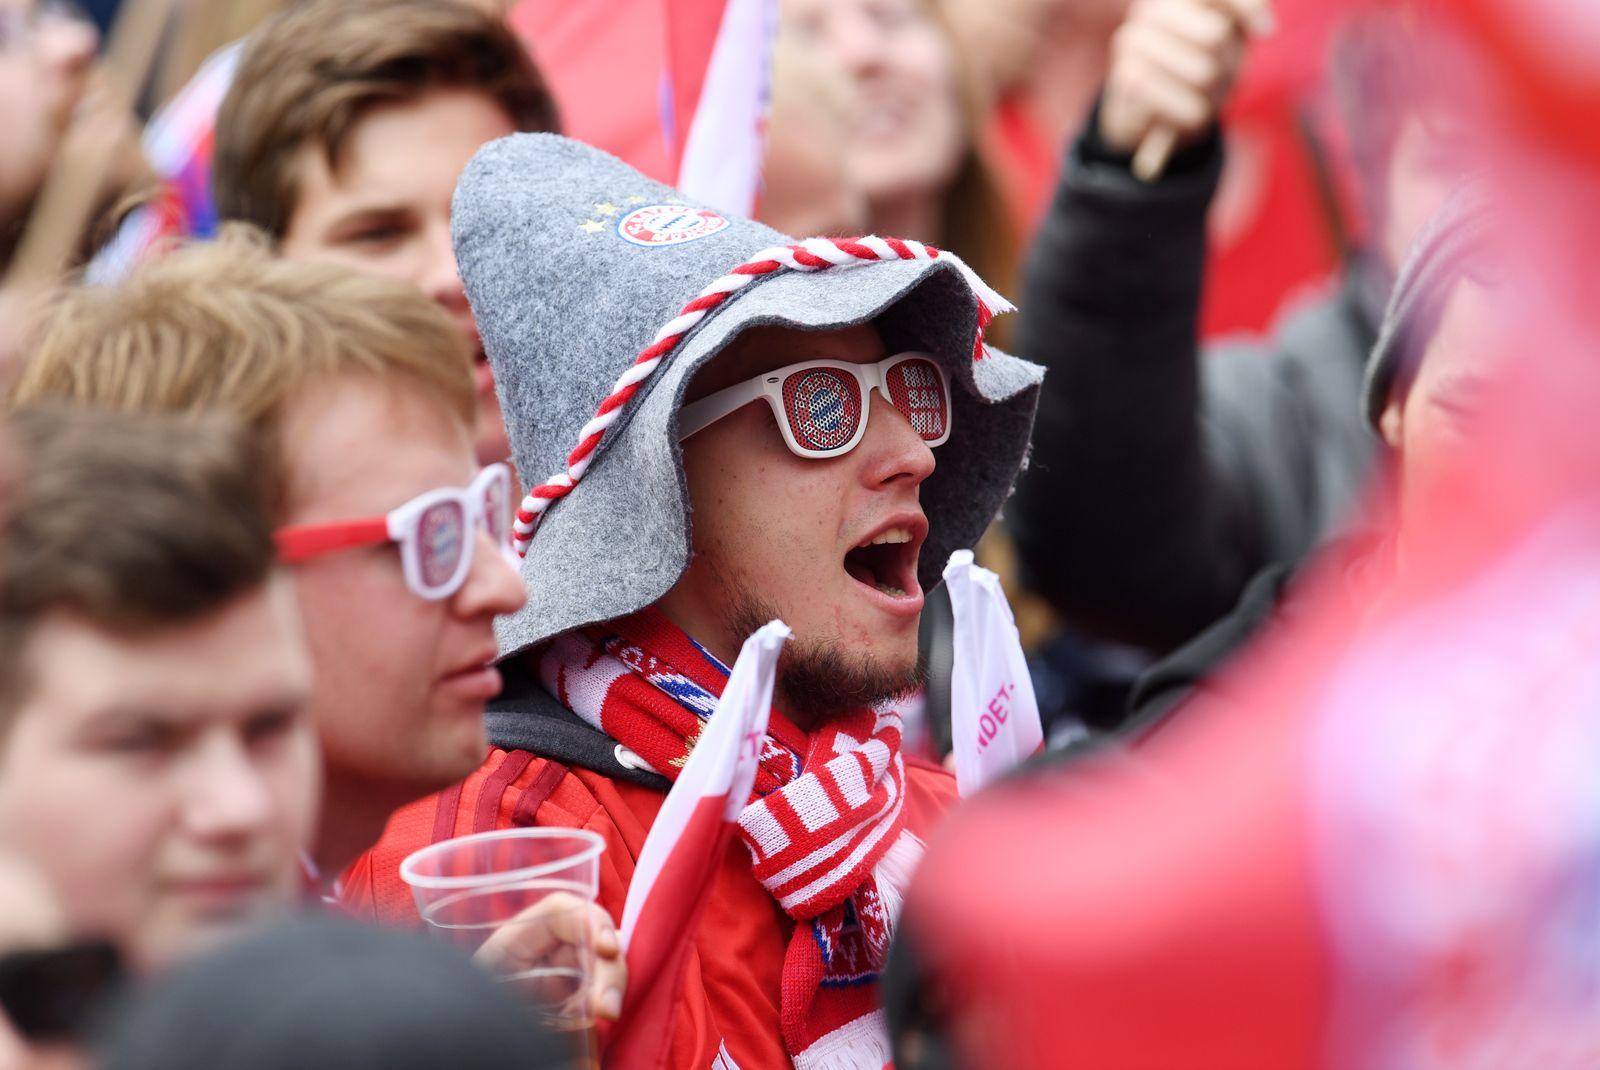 Fußball: Balkonbesuch des FC Bayern München